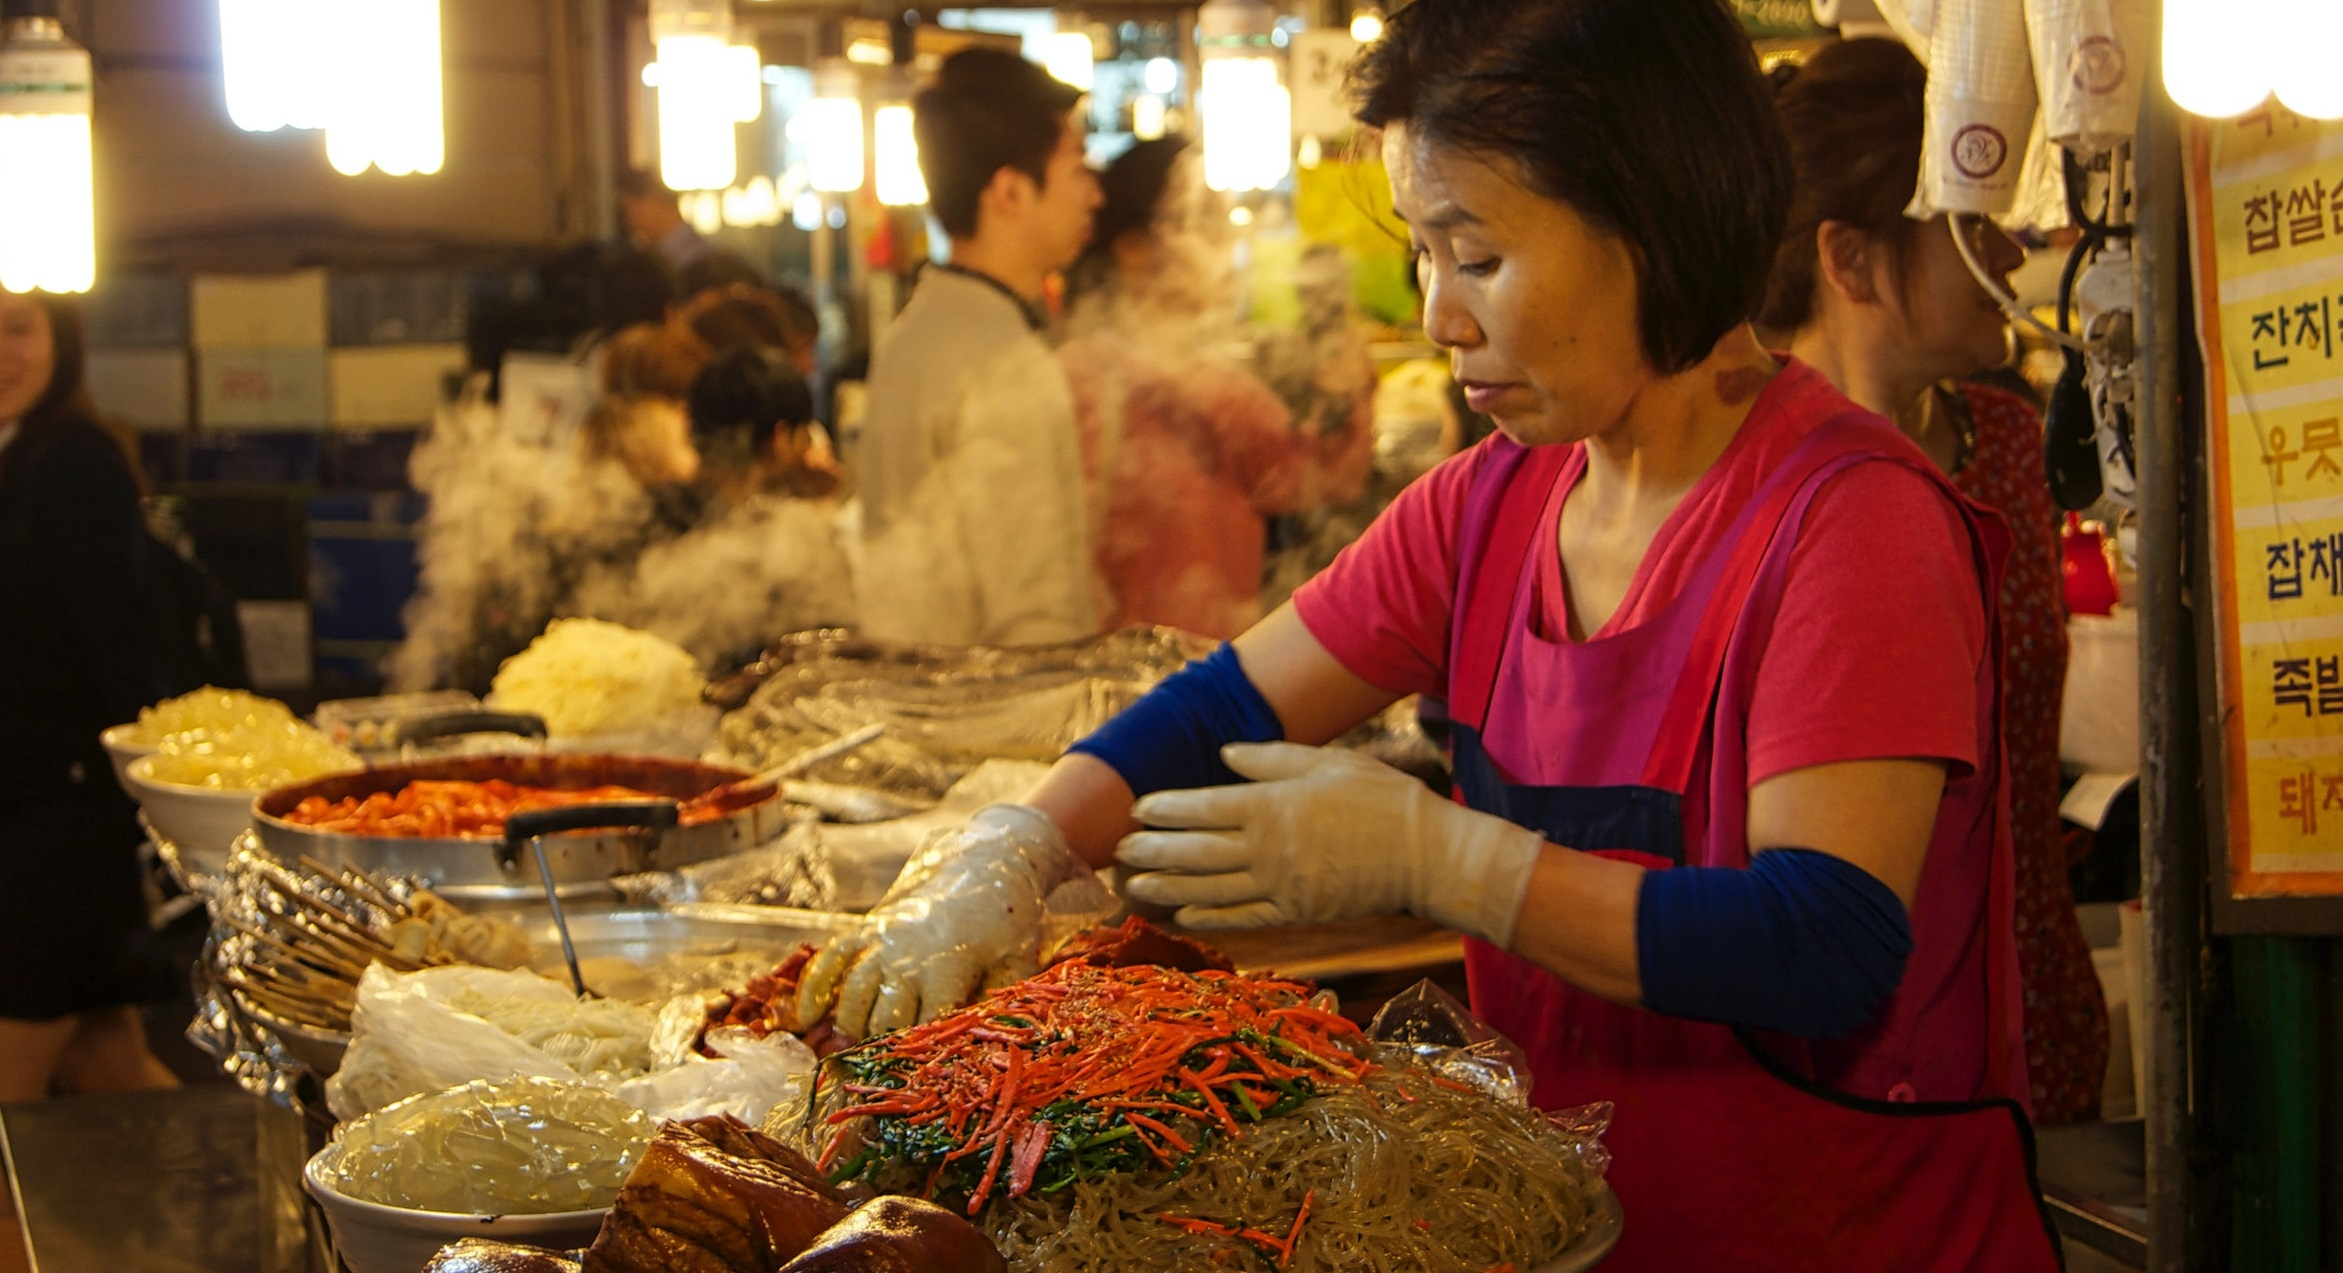 Un preparat sud-coreean pe bază de varză murată ameliorează simptomele Covid și reduce inflamația din organism